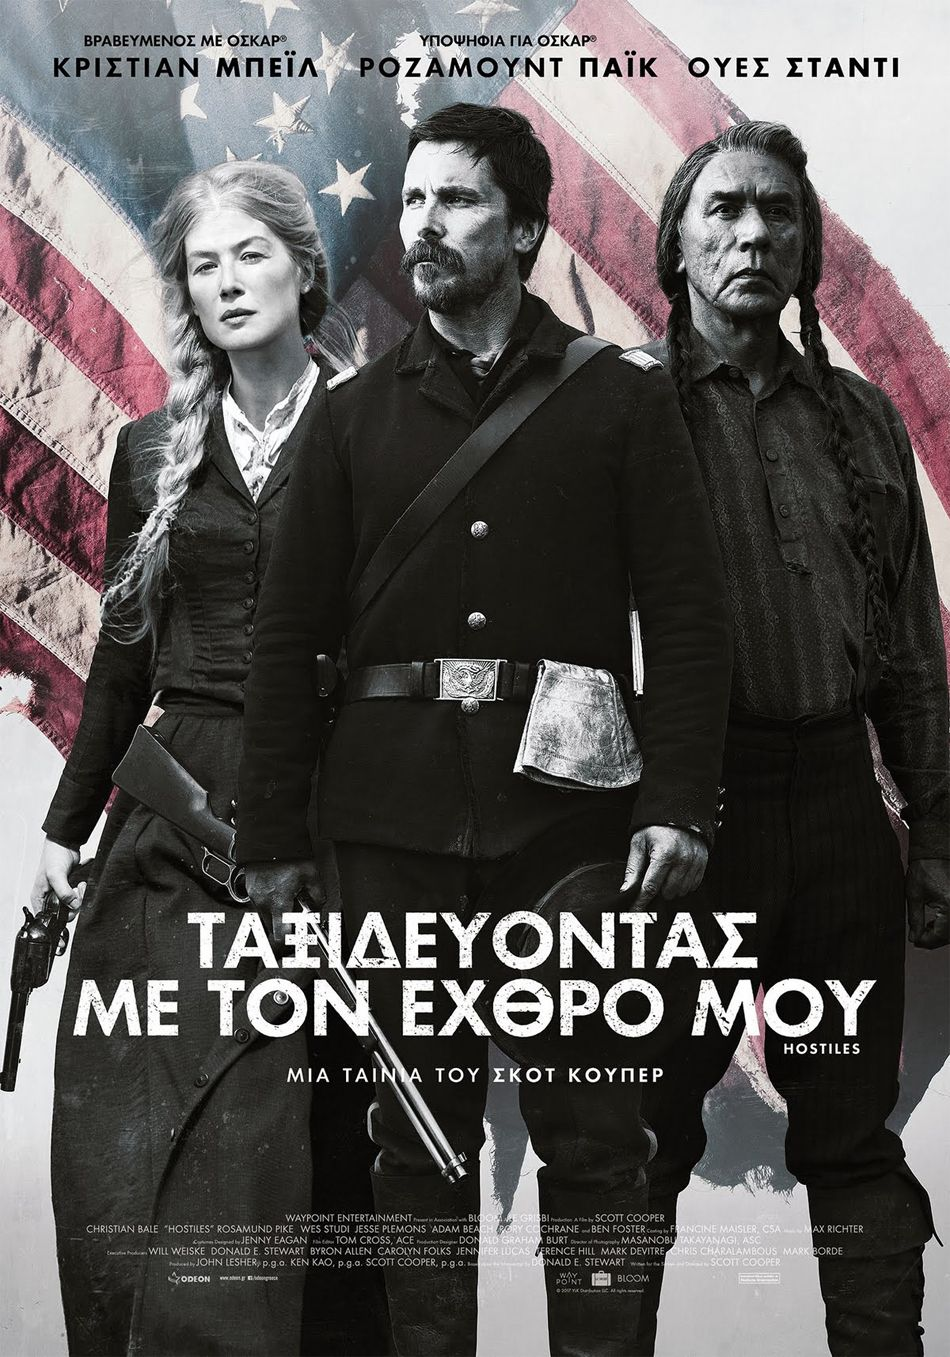 Ταξιδεύοντας με τον Εχθρό μου (Hostiles) Poster Πόστερ